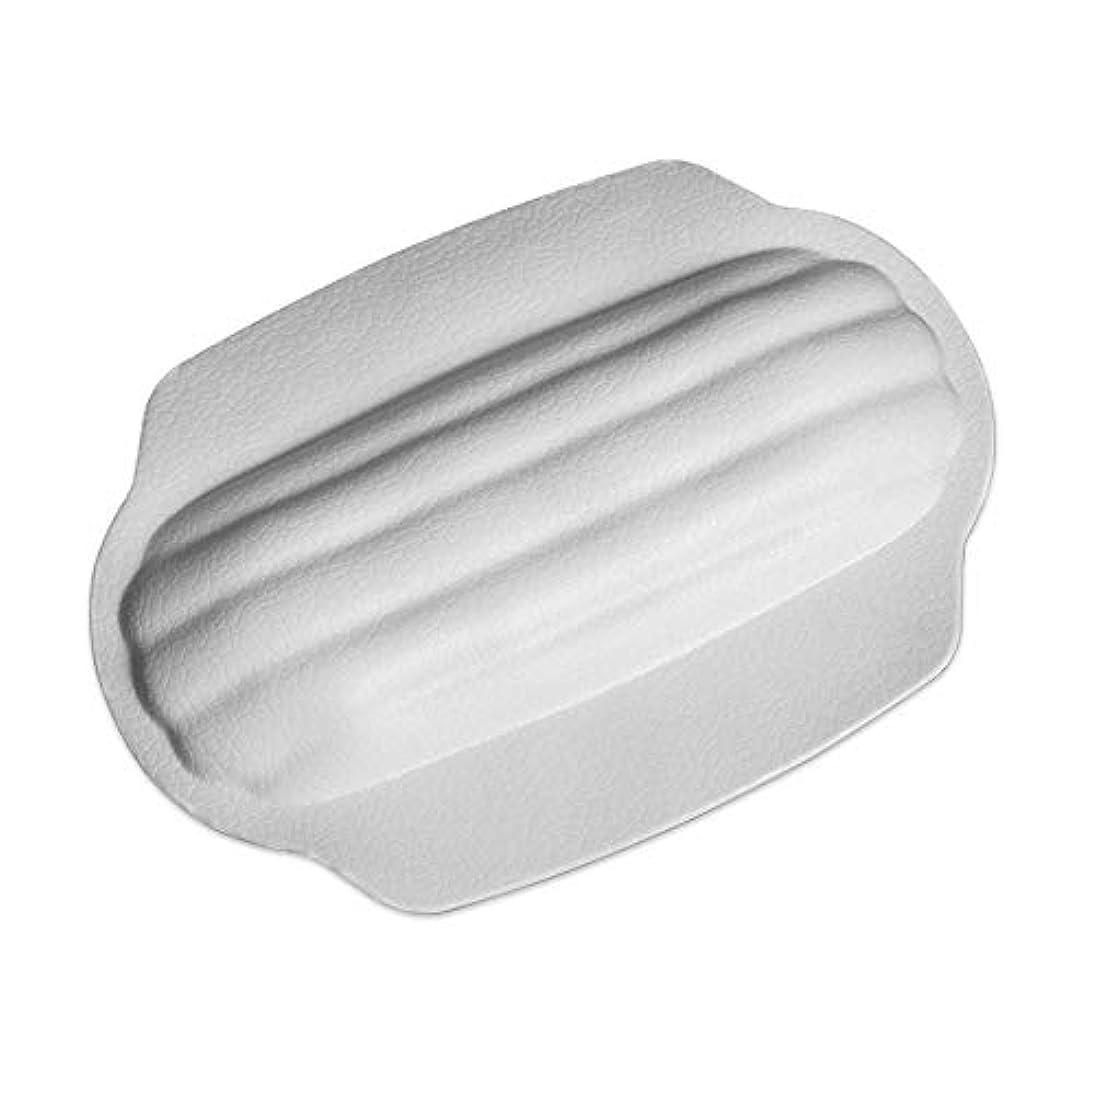 批判するプロペラ落胆するサクションカップ付き防水滑り止めスパ枕厚めユニバーサルバスタブ枕バスタブと抗菌性